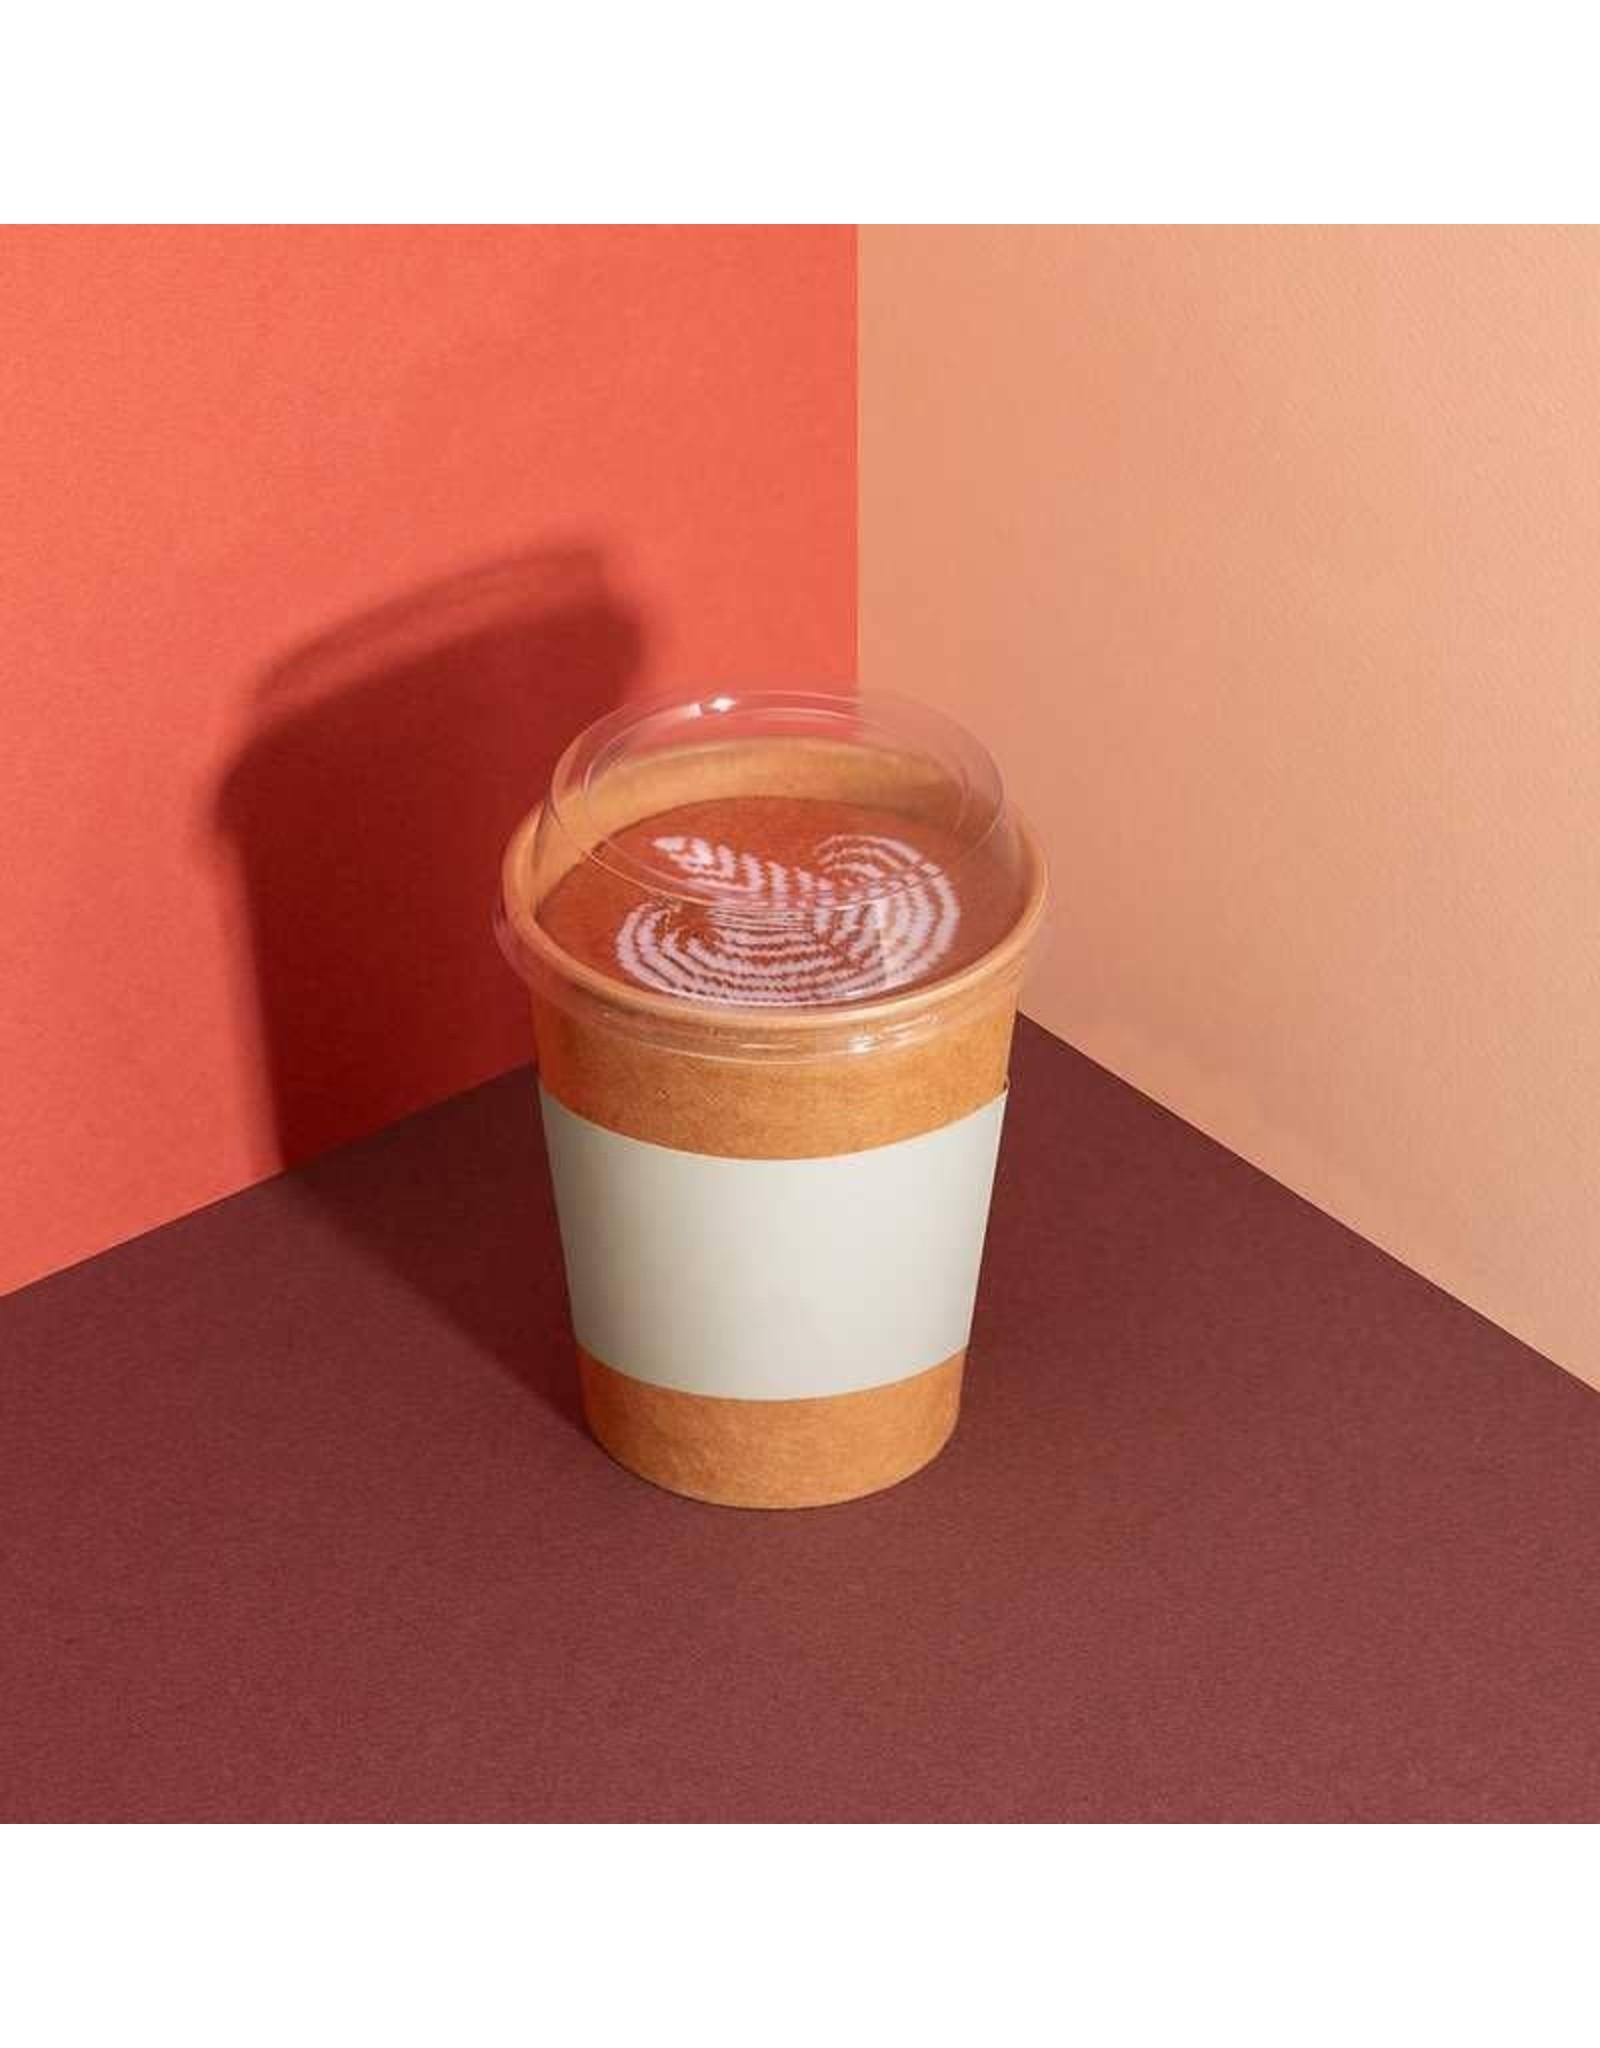 socks with latte macchiato design